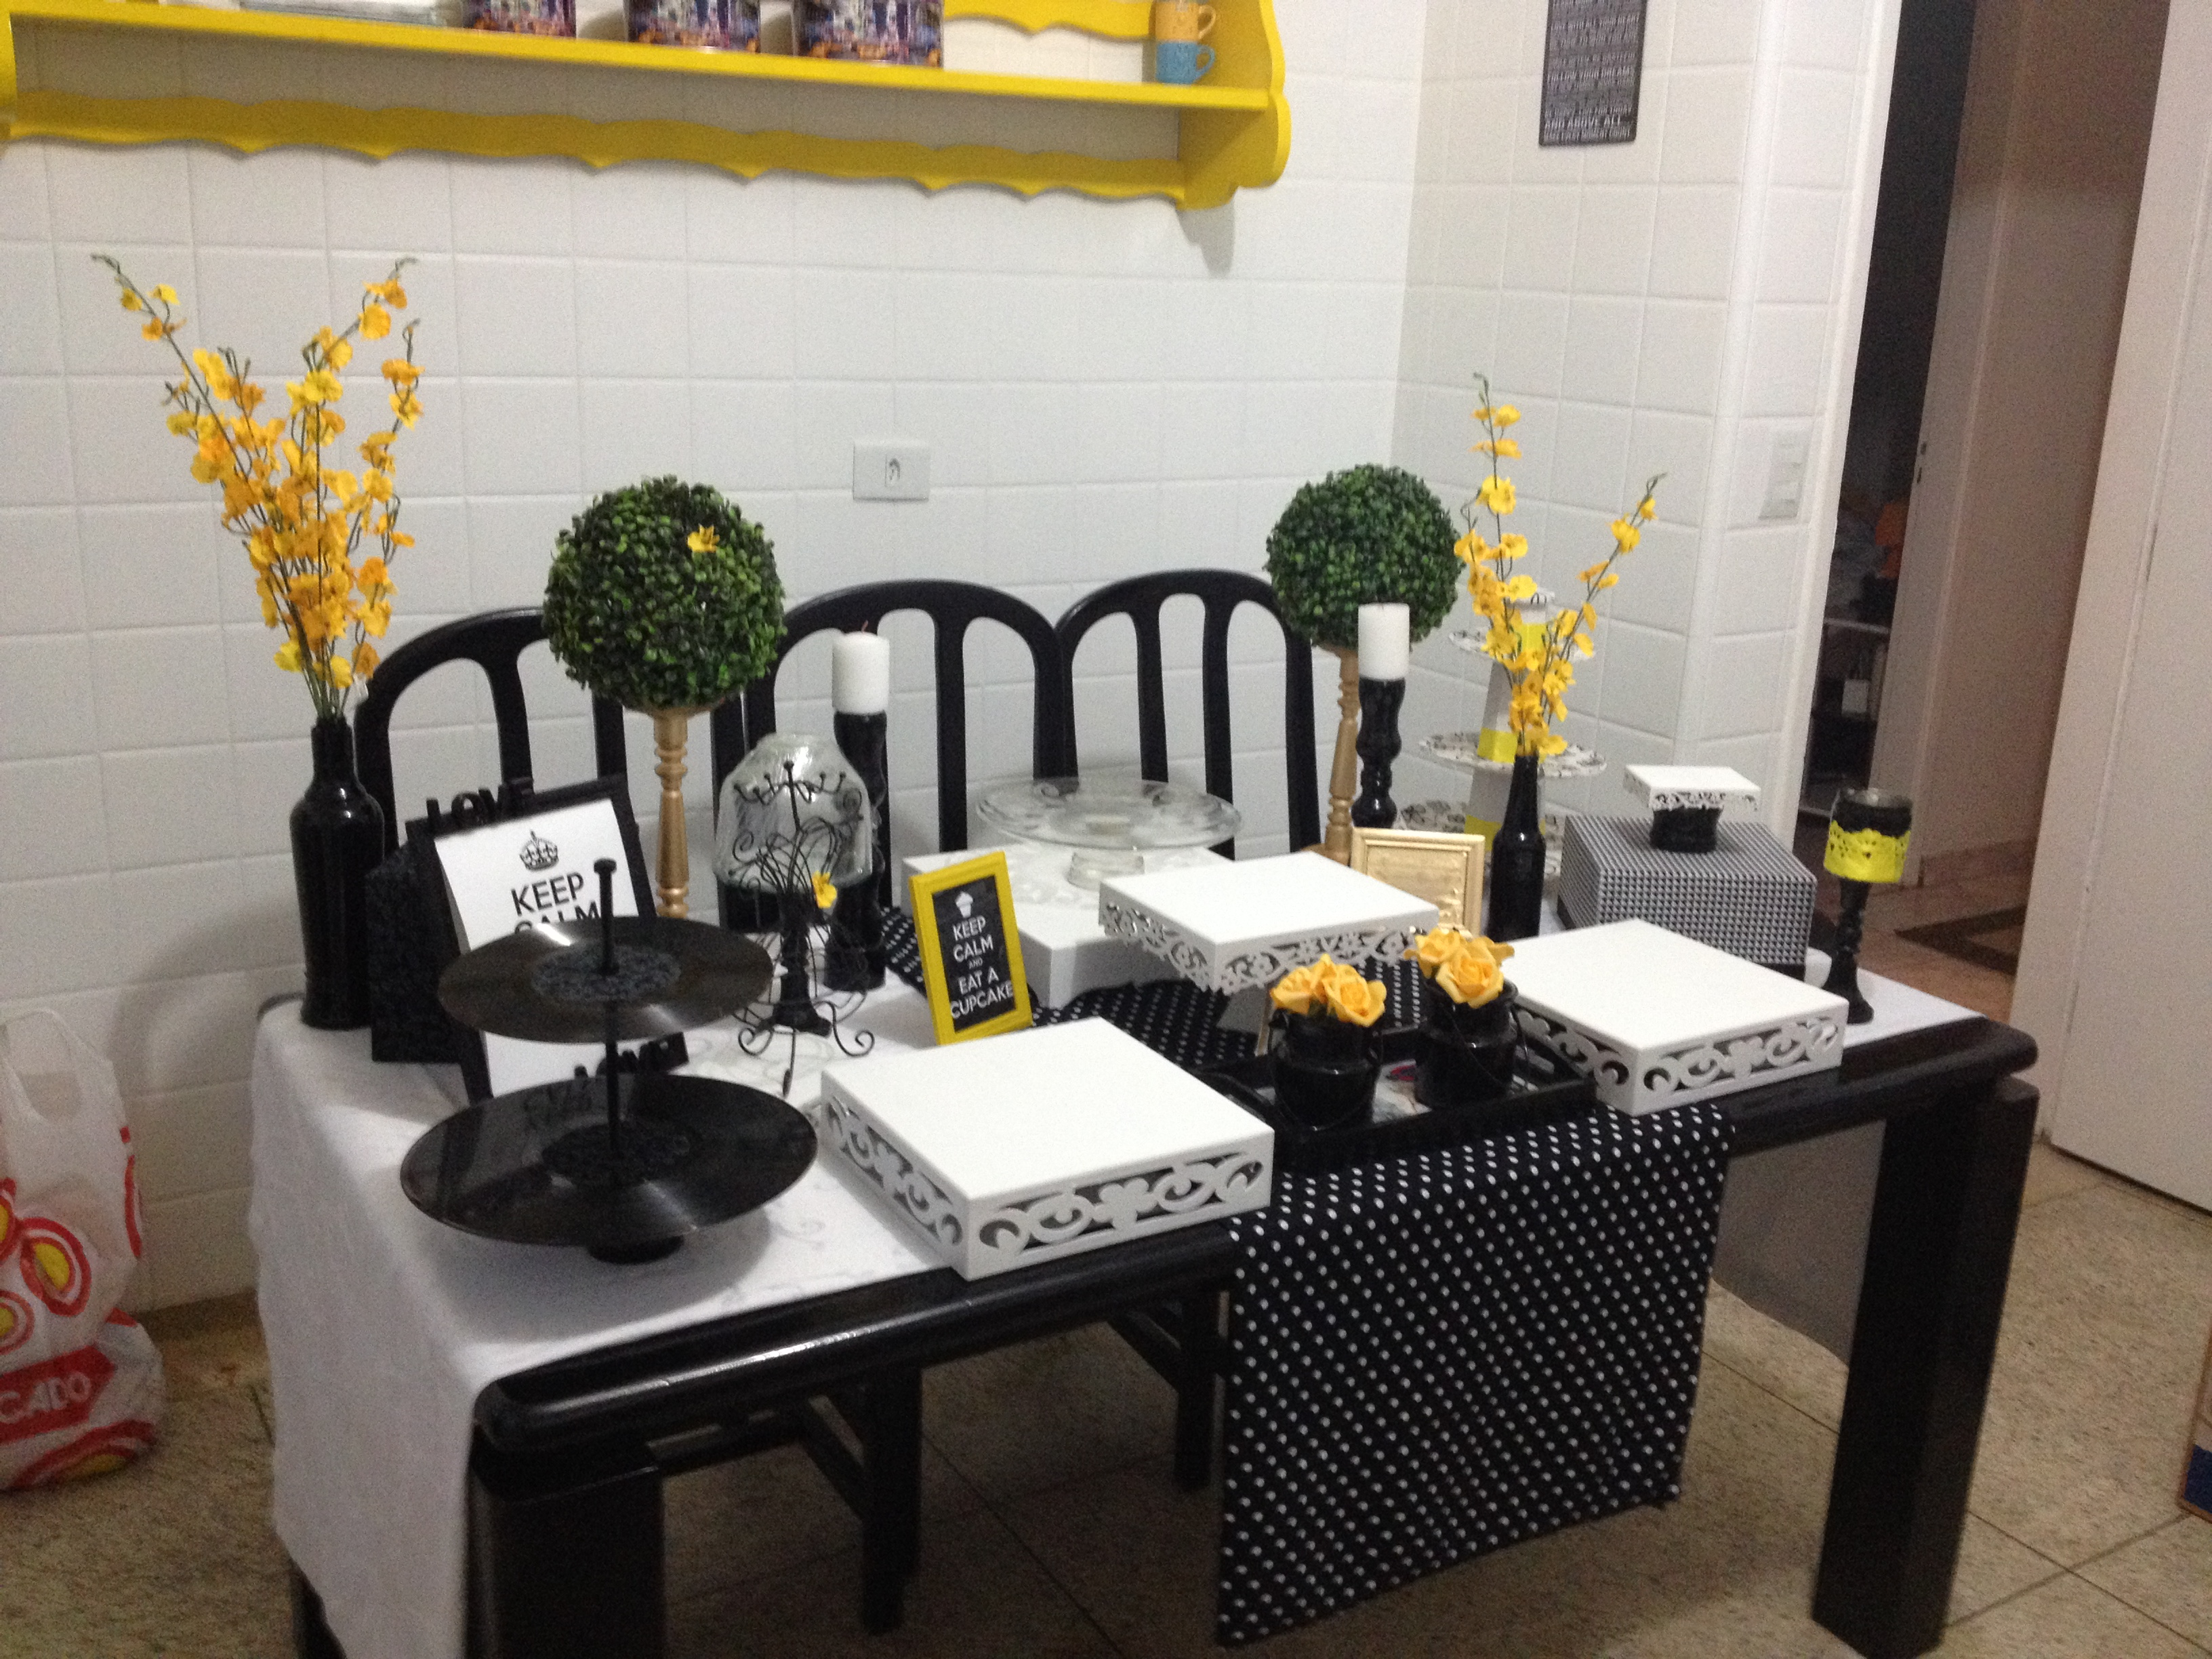 decoracao de aniversario azul e amarelo : decoracao de aniversario azul e amarelo: amarelo e preto aniversario decoracao festa amarelo e preto cha de